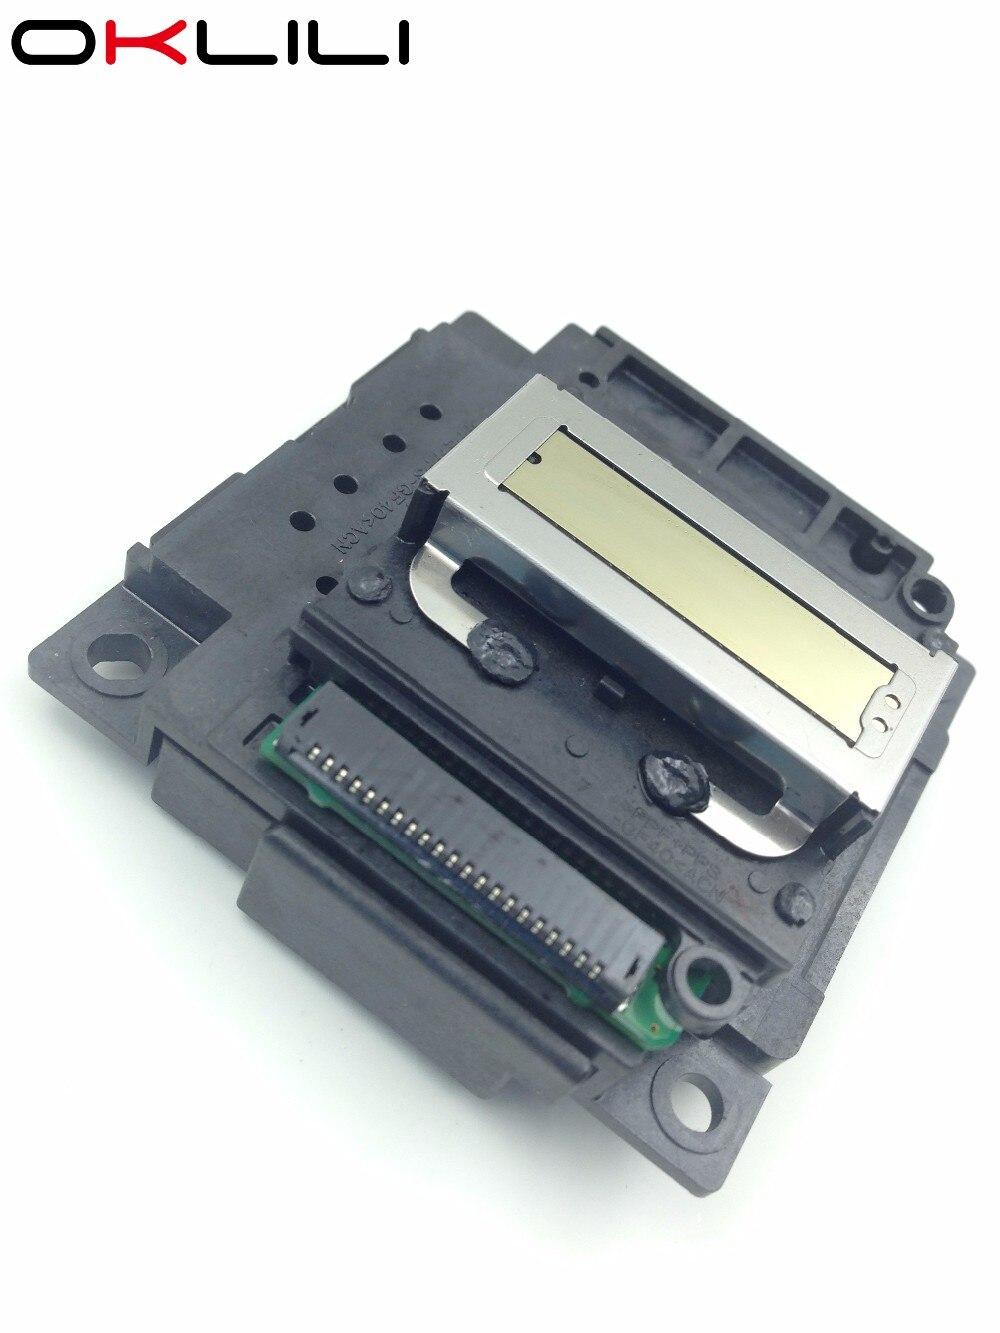 FA04010 FA04000 cabezal de impresión para Epson L132 L130 L220 L222 L310 L362 L365 L366 L455 L456 L565 L566 WF-2630 XP-332 WF2630